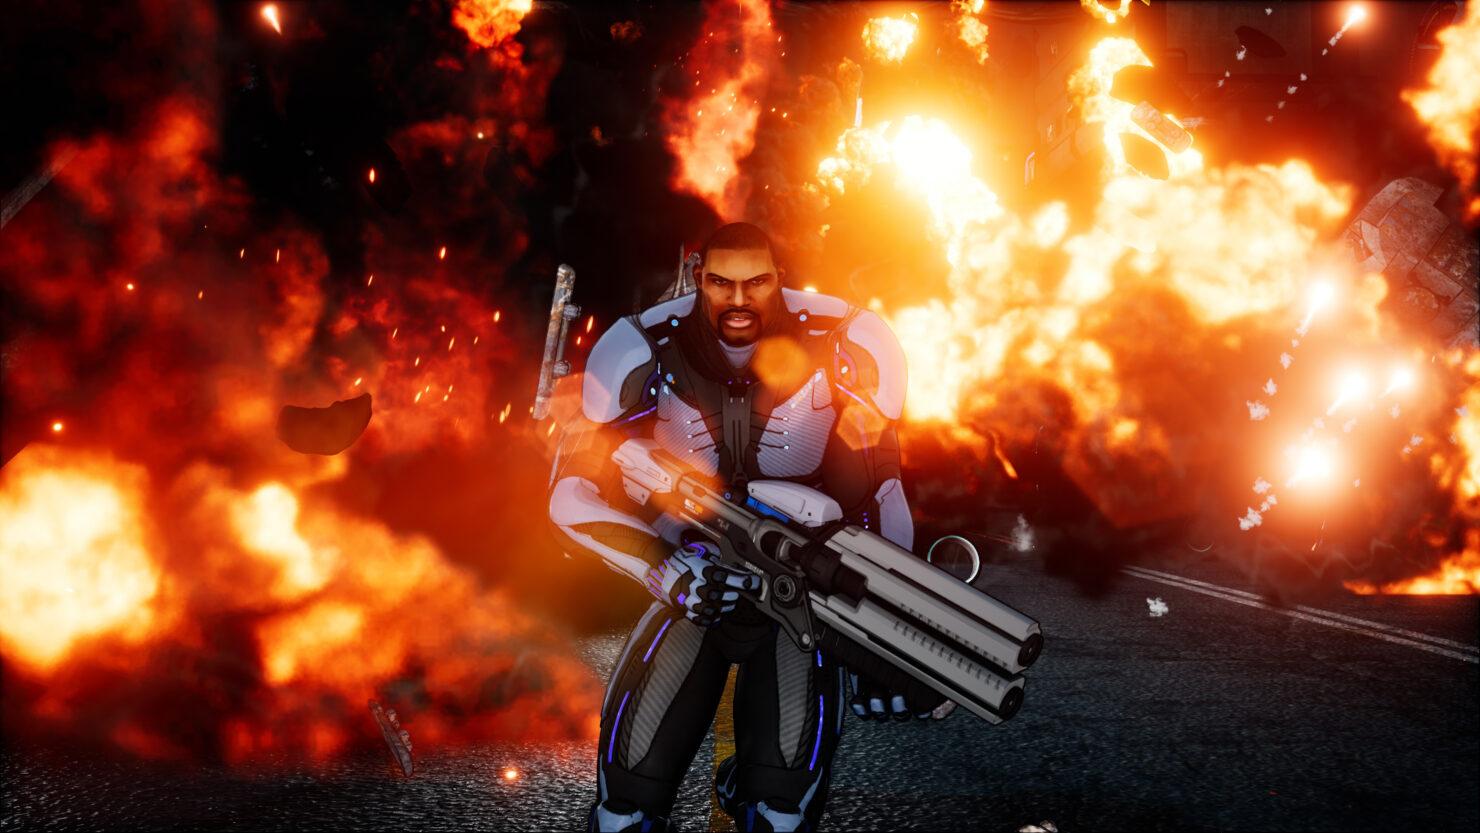 crackdown-3-action-hero-shot